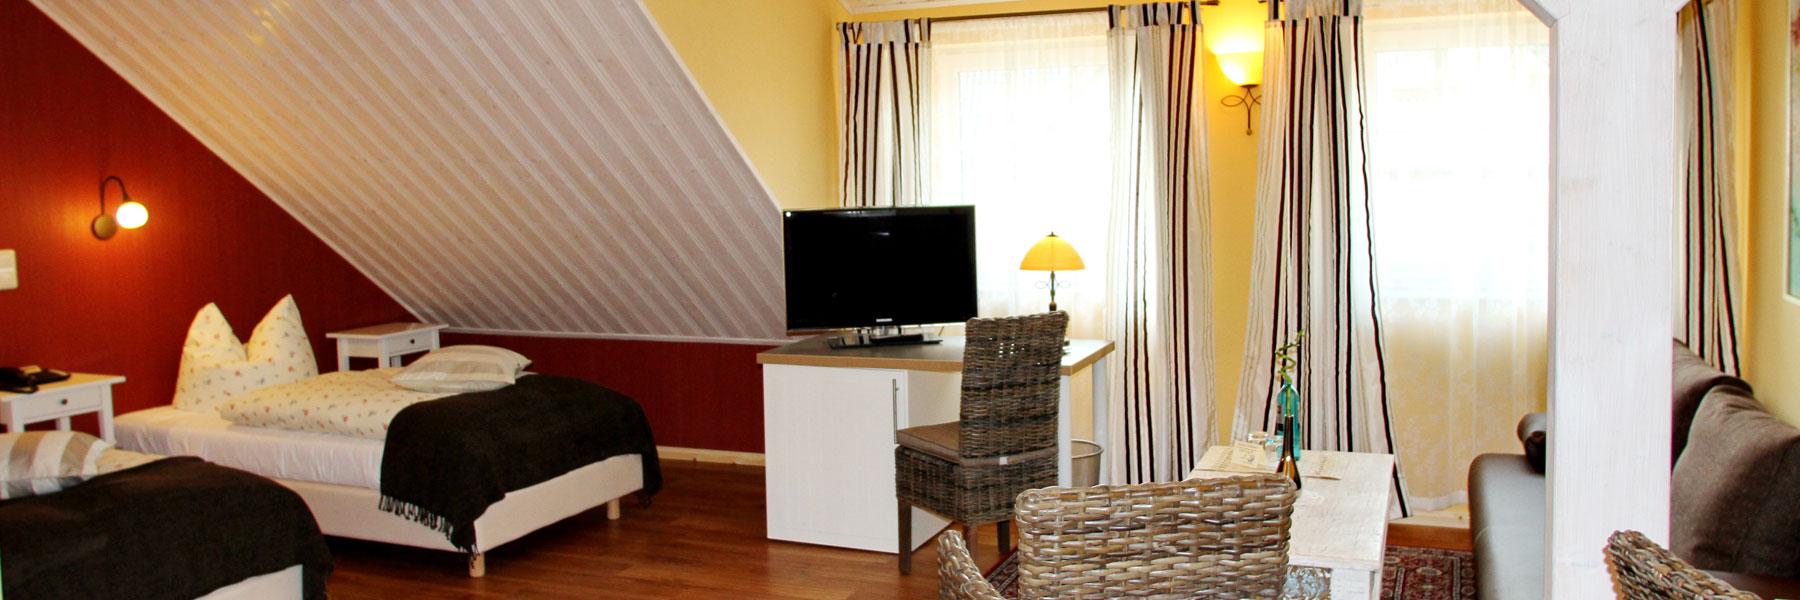 Hotelzimmer - Kur- und Landhotel Borstel-Treff